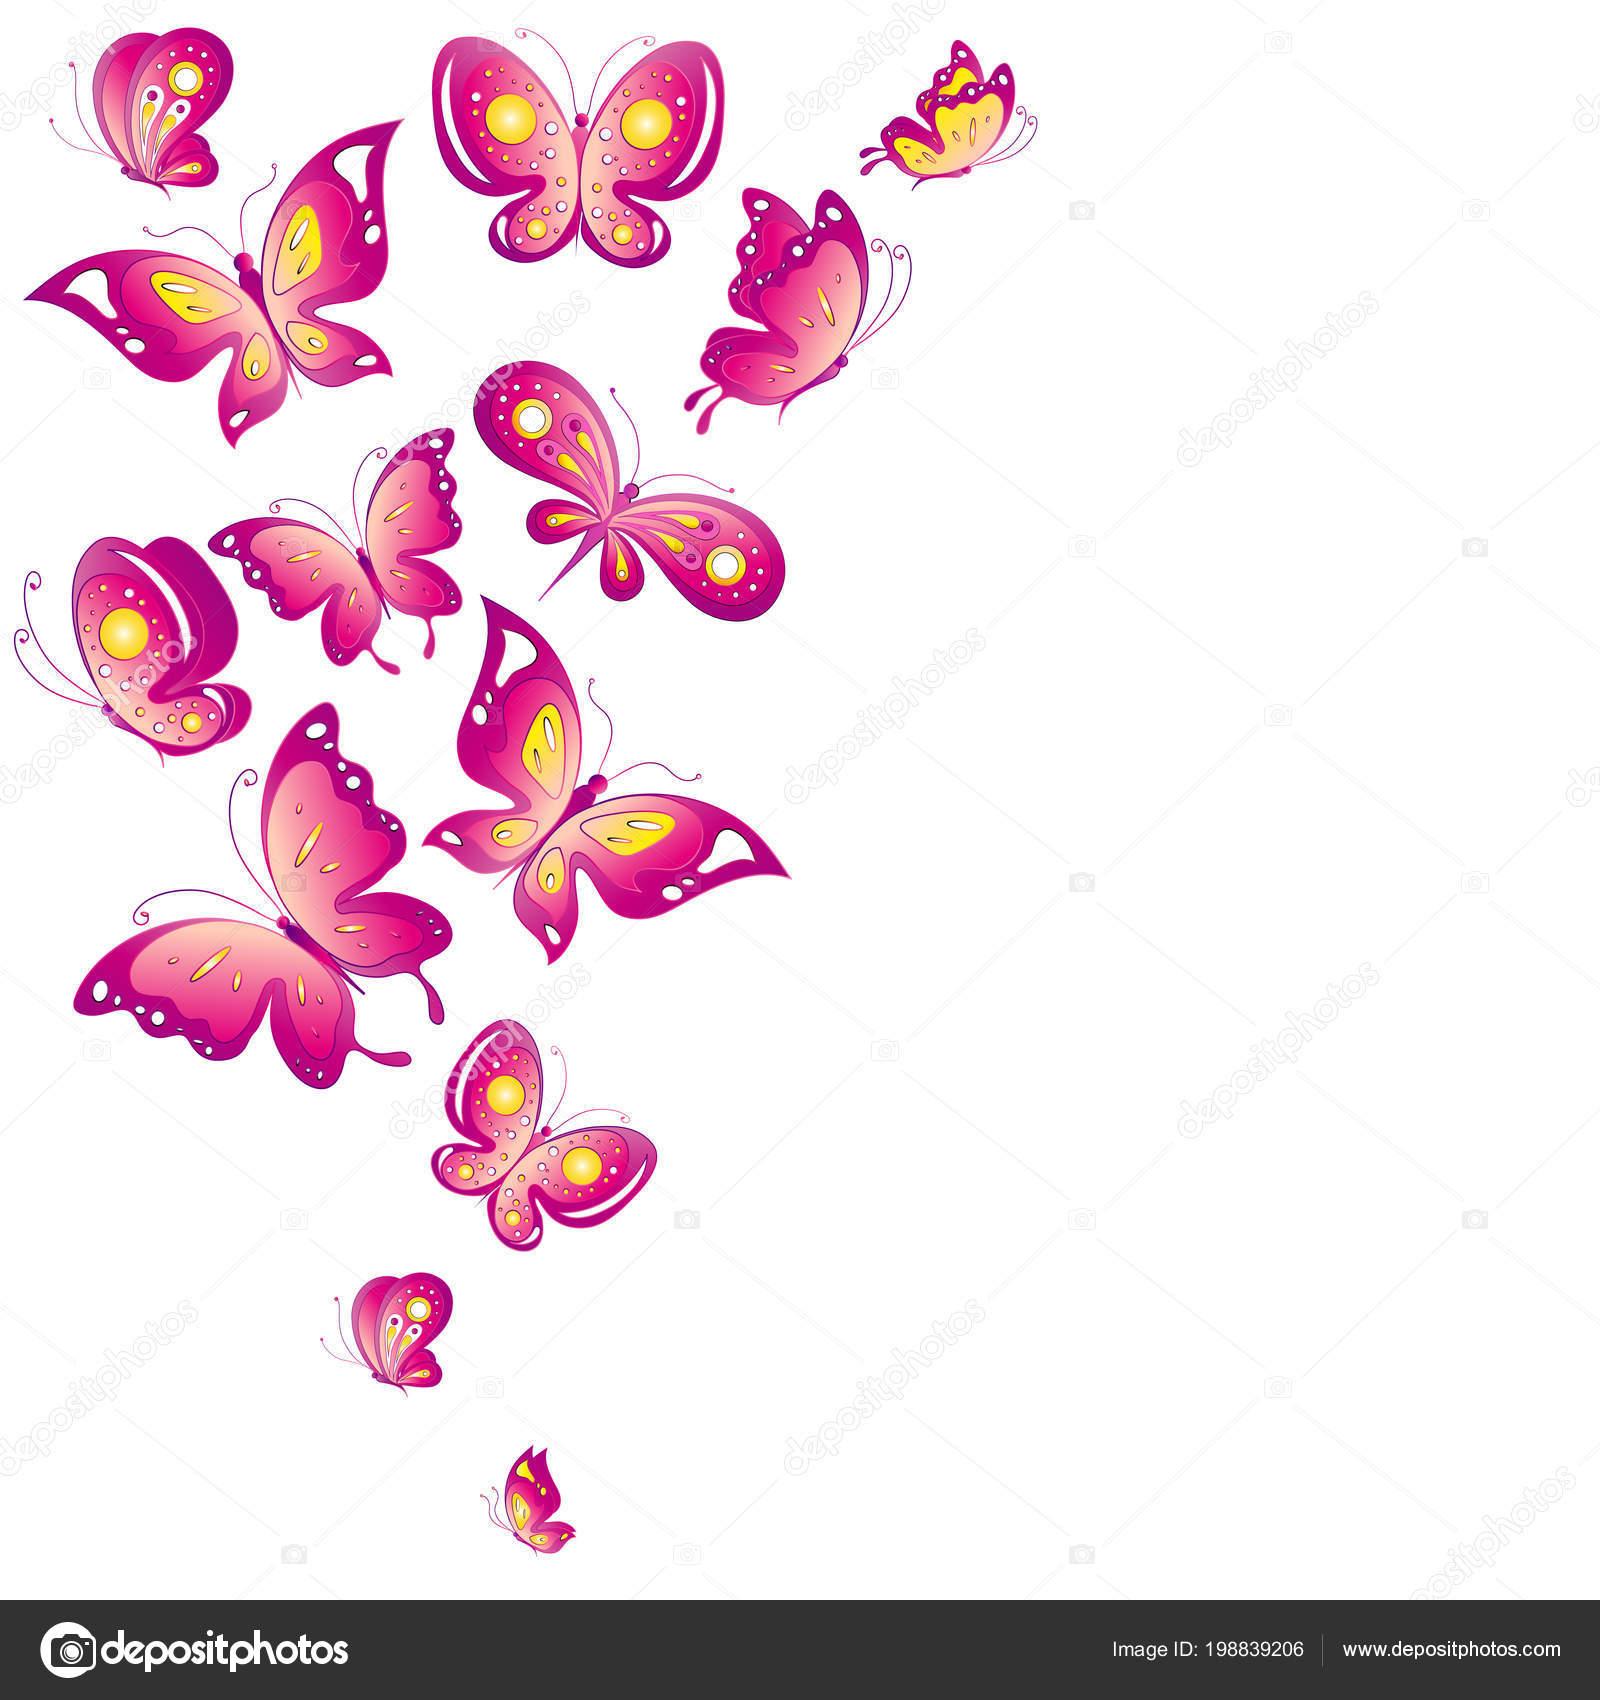 Cartolina Postale Con Collezione Rosa Volare Farfalle Isolate Sfondo